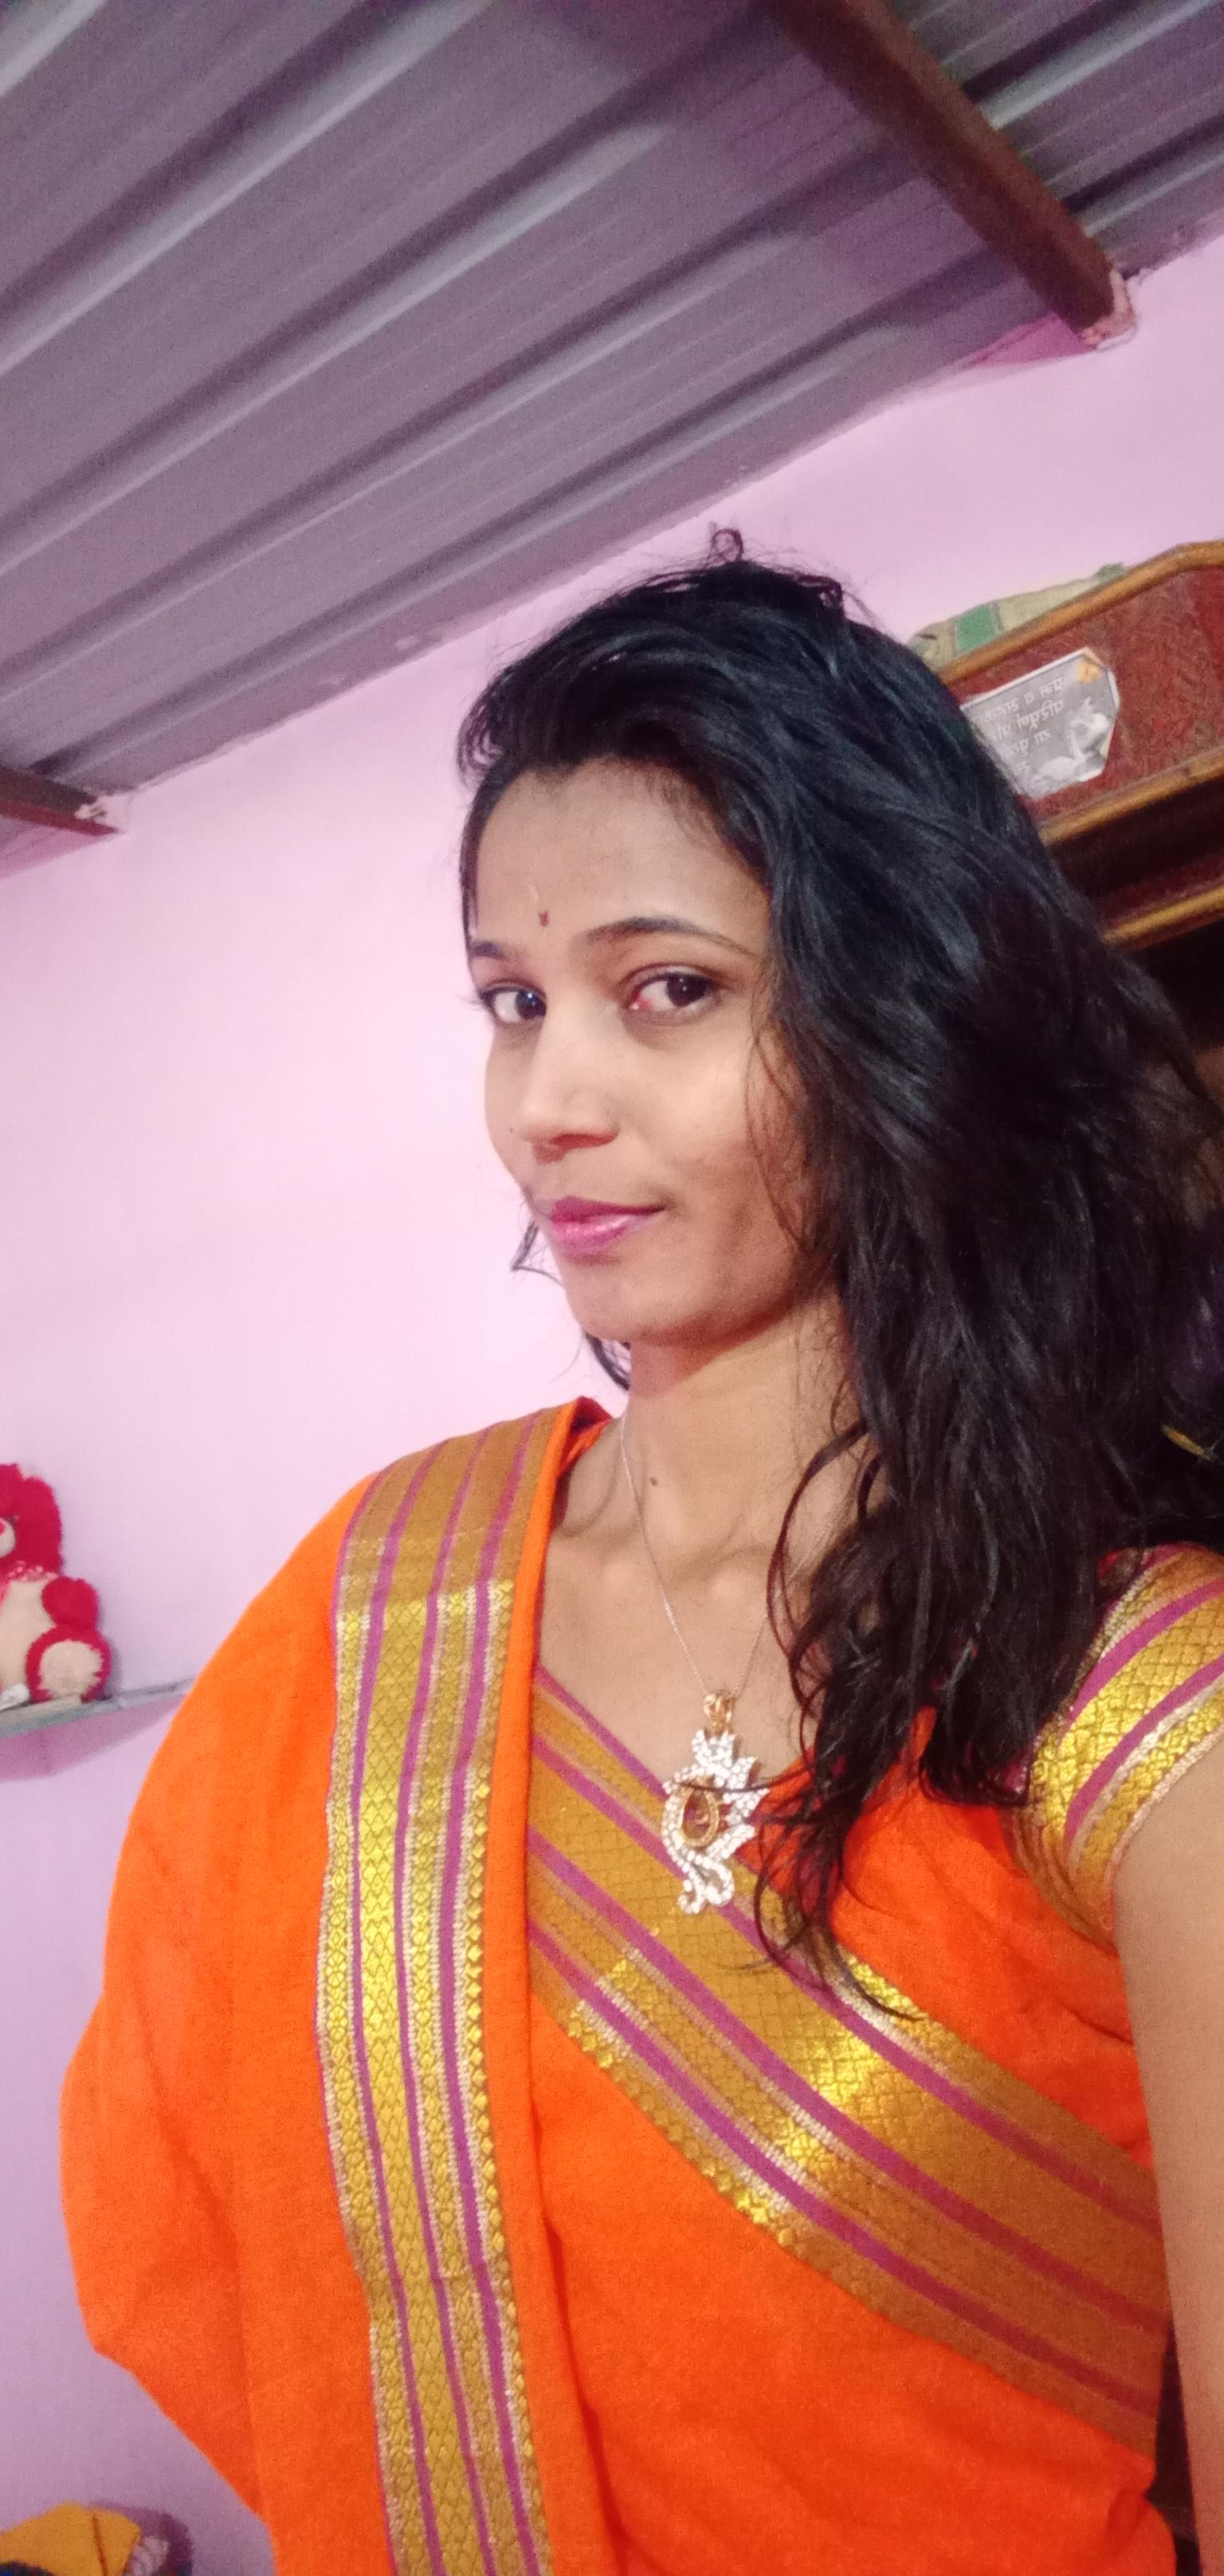 Pune Vadhu Var Suchak Kendra in Pune - Grotal.com